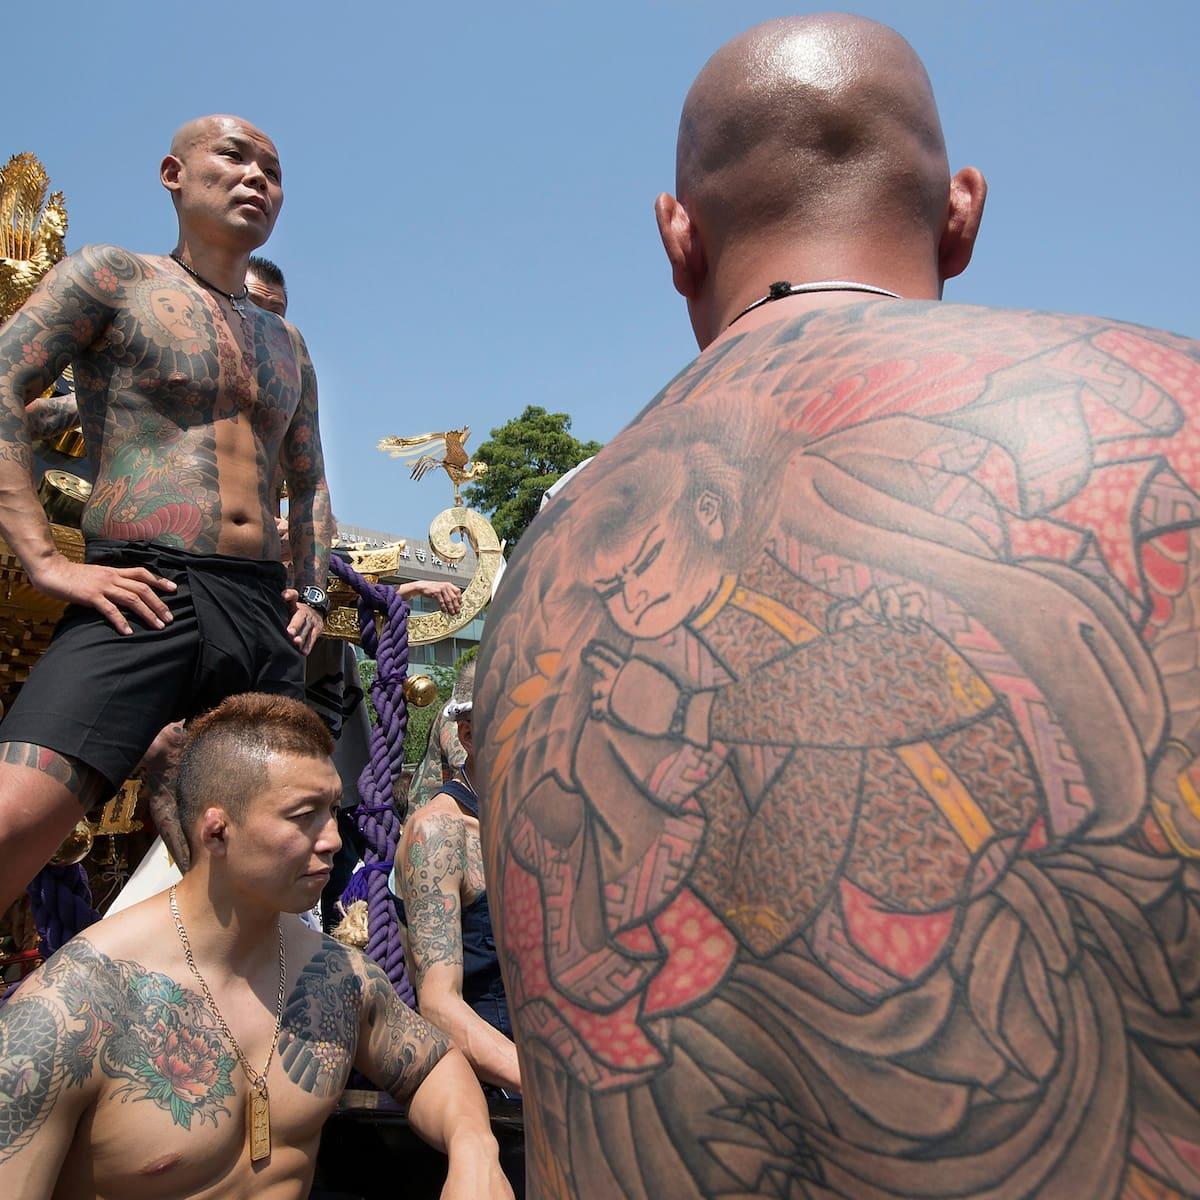 Die 10 brutalsten Gangs der Welt - Blick